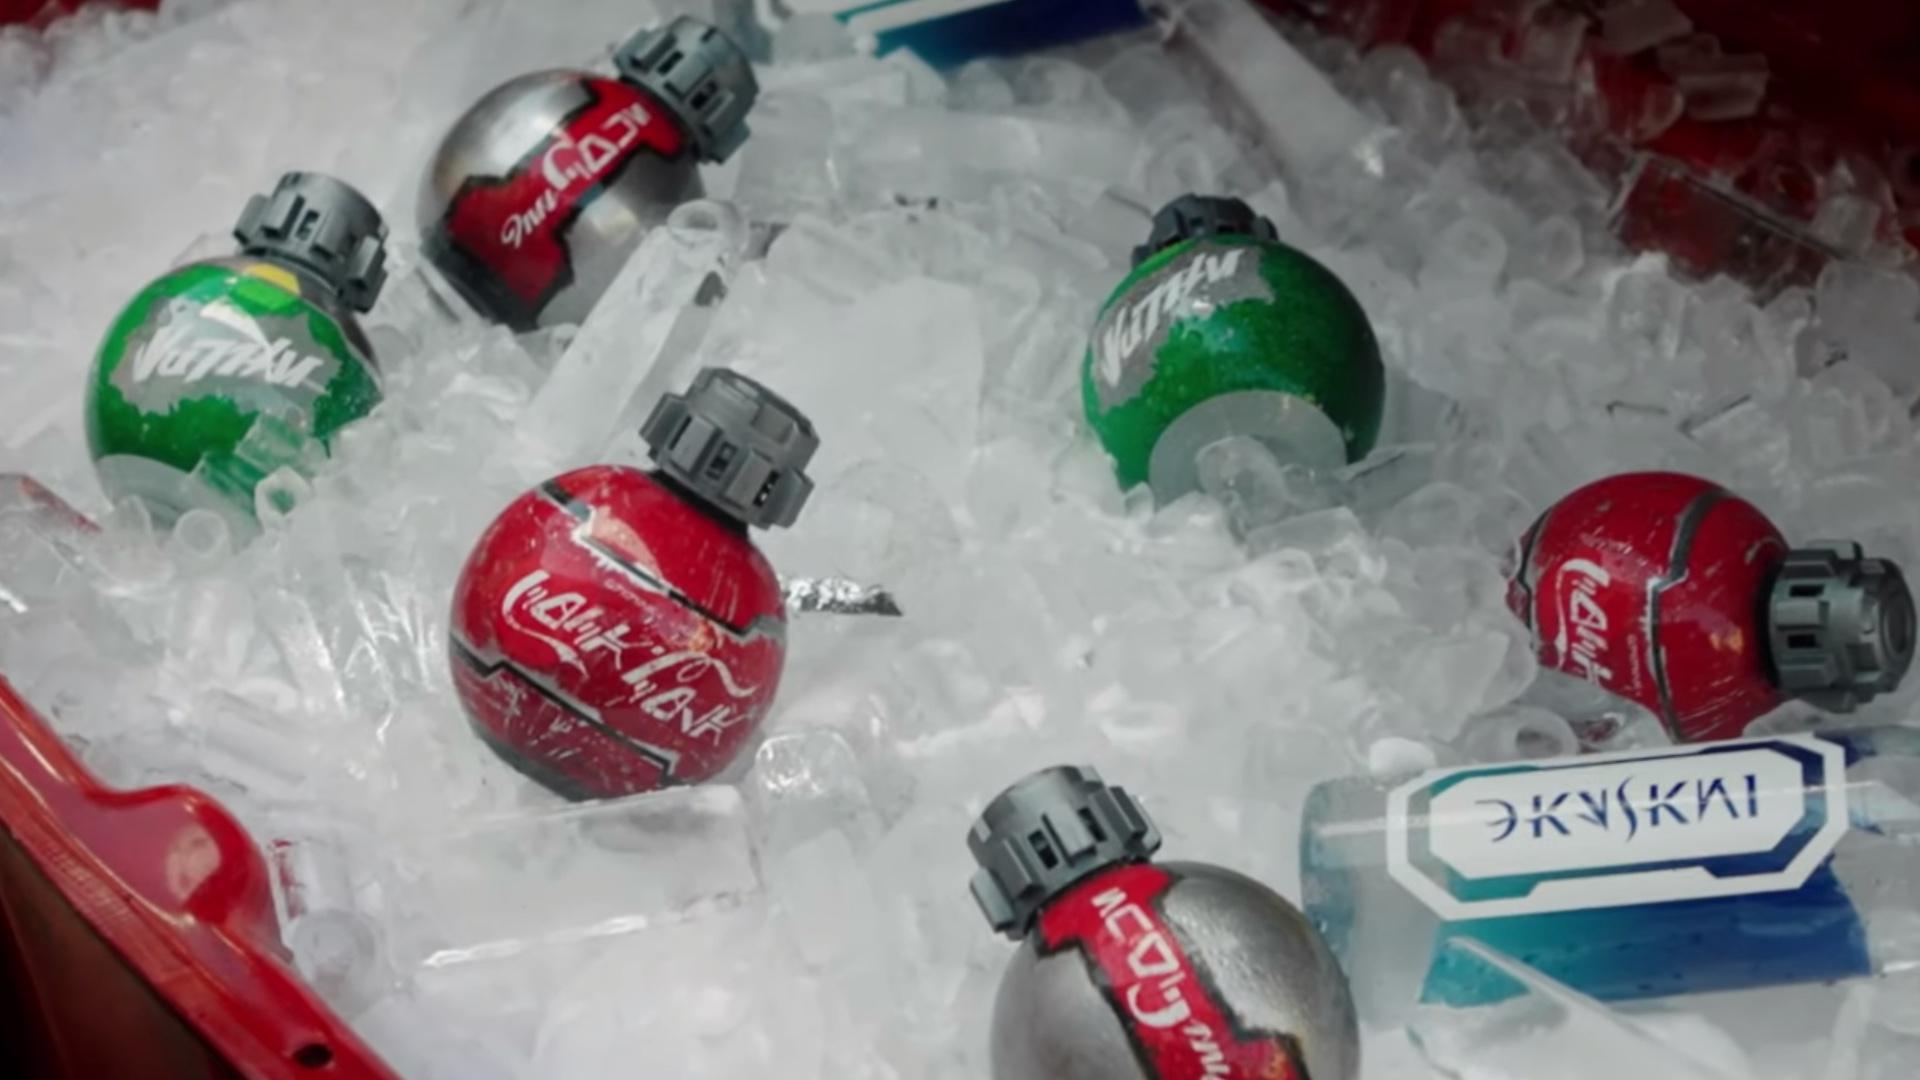 Le nuove lattine di Coca Cola e Sprite in esclusiva per Star Wars: Galaxy's Edge